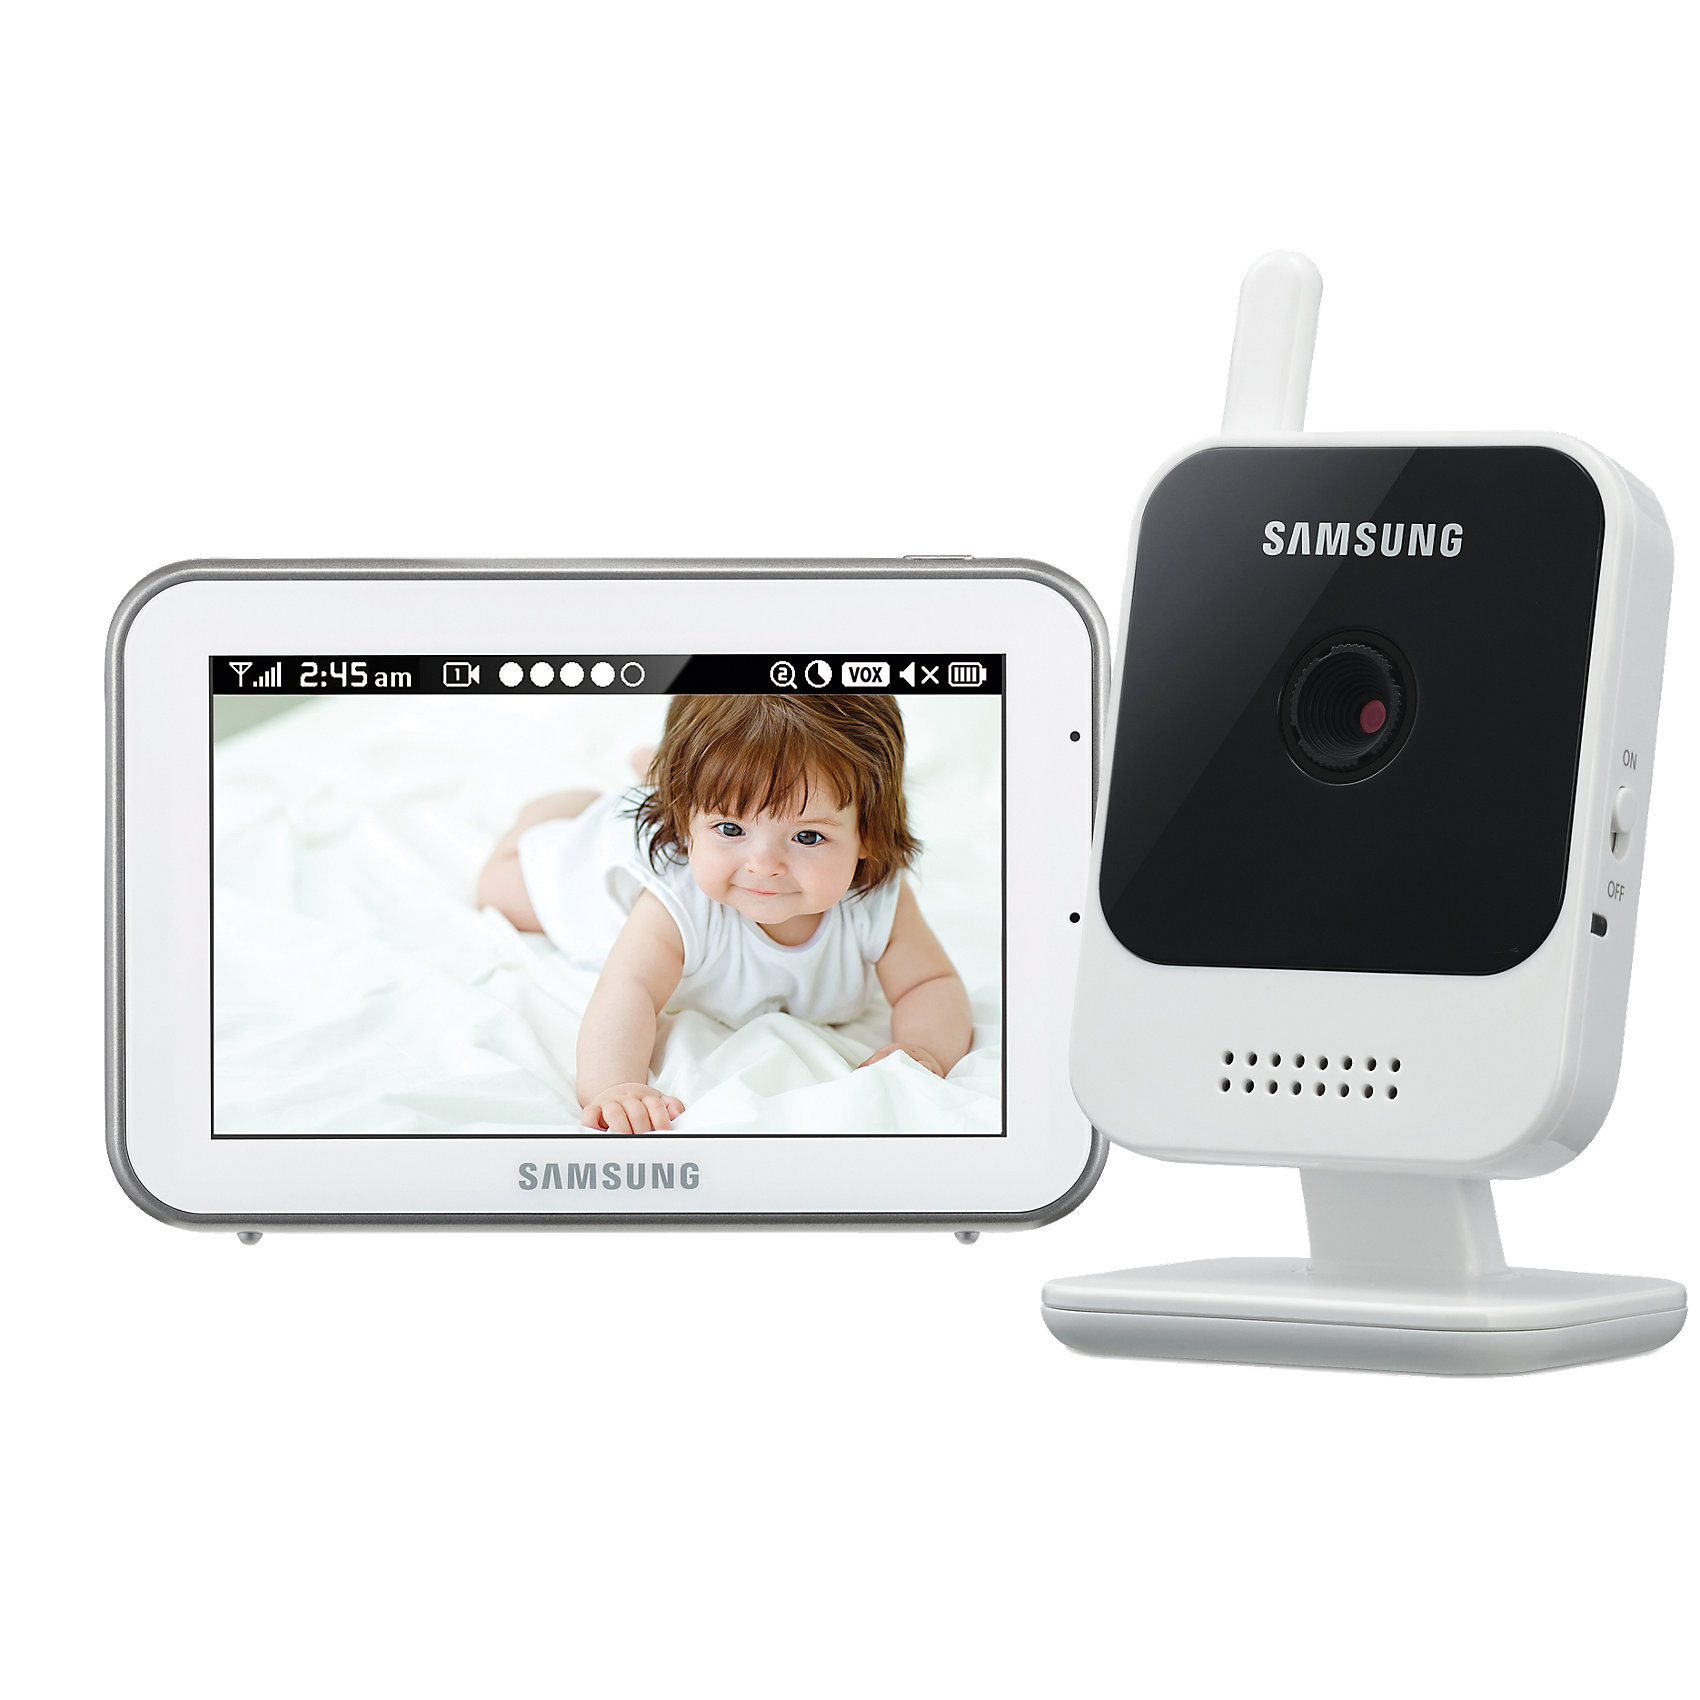 Видеоняня Sew-3042, SamsungЦифровая, дальность 300 м. Высокое качество изображения и звука. Камера HD 720p. Монитор 800х480px. Наклок камеры регулируется вручную. Дисплей 12,7 см (5 дюймов). Сенсорный экран. Двухсторонняя связь, колыбельные, VOX, ночное видение. Подавление помех.<br><br>Ширина мм: 250<br>Глубина мм: 120<br>Высота мм: 250<br>Вес г: 1275<br>Возраст от месяцев: 0<br>Возраст до месяцев: 12<br>Пол: Унисекс<br>Возраст: Детский<br>SKU: 4980595